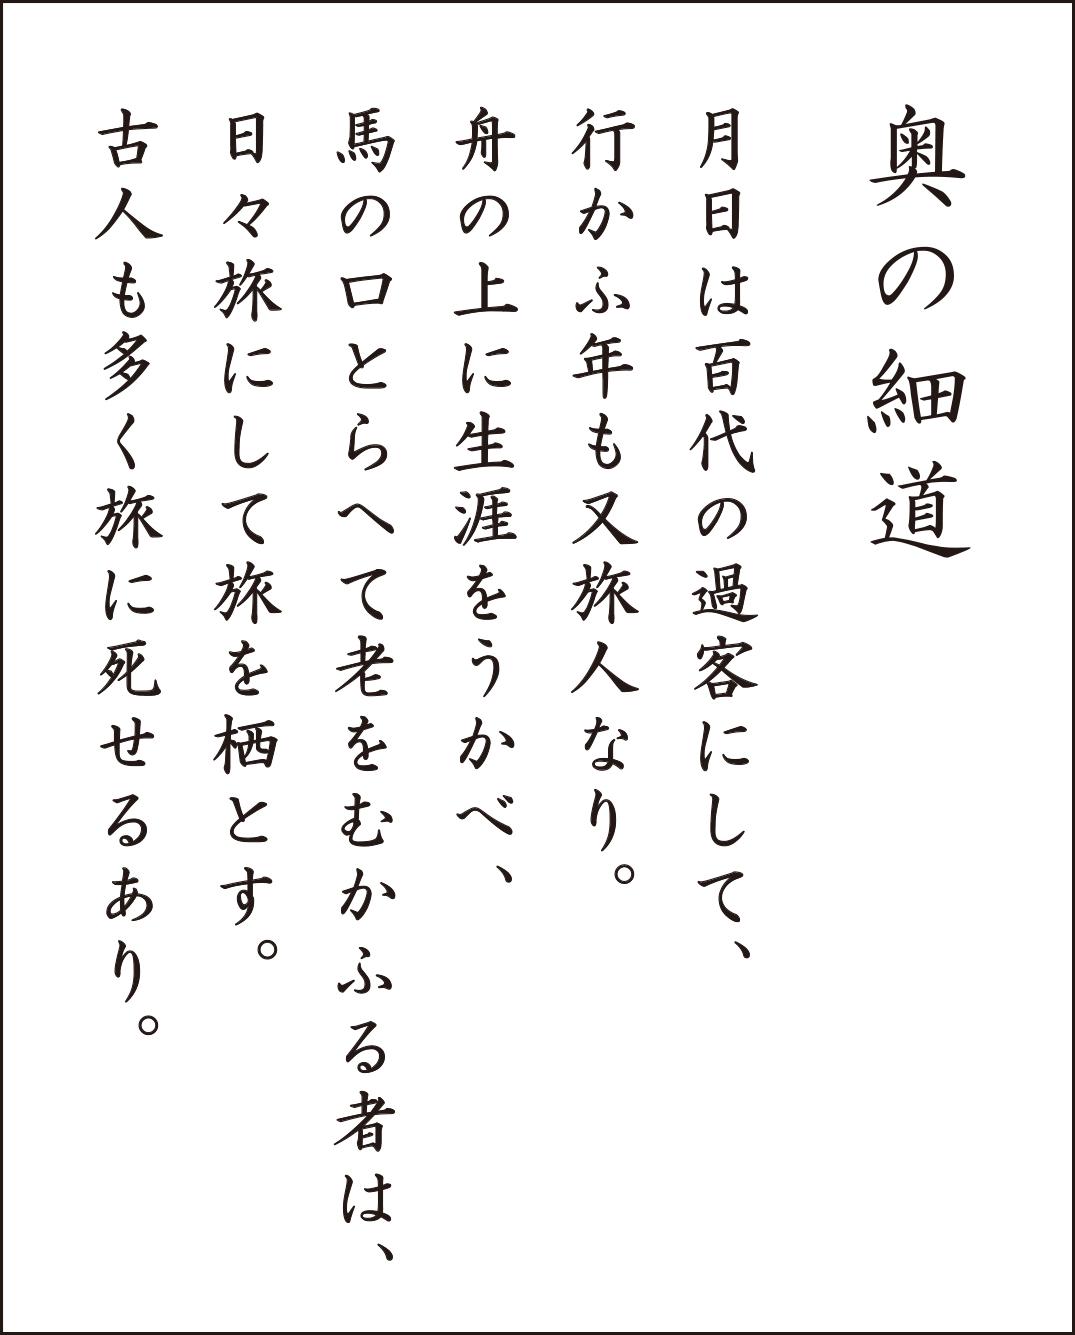 レク素材 松尾芭蕉(奥の細道)|介護レク広場~レク素材やレクネタ ...